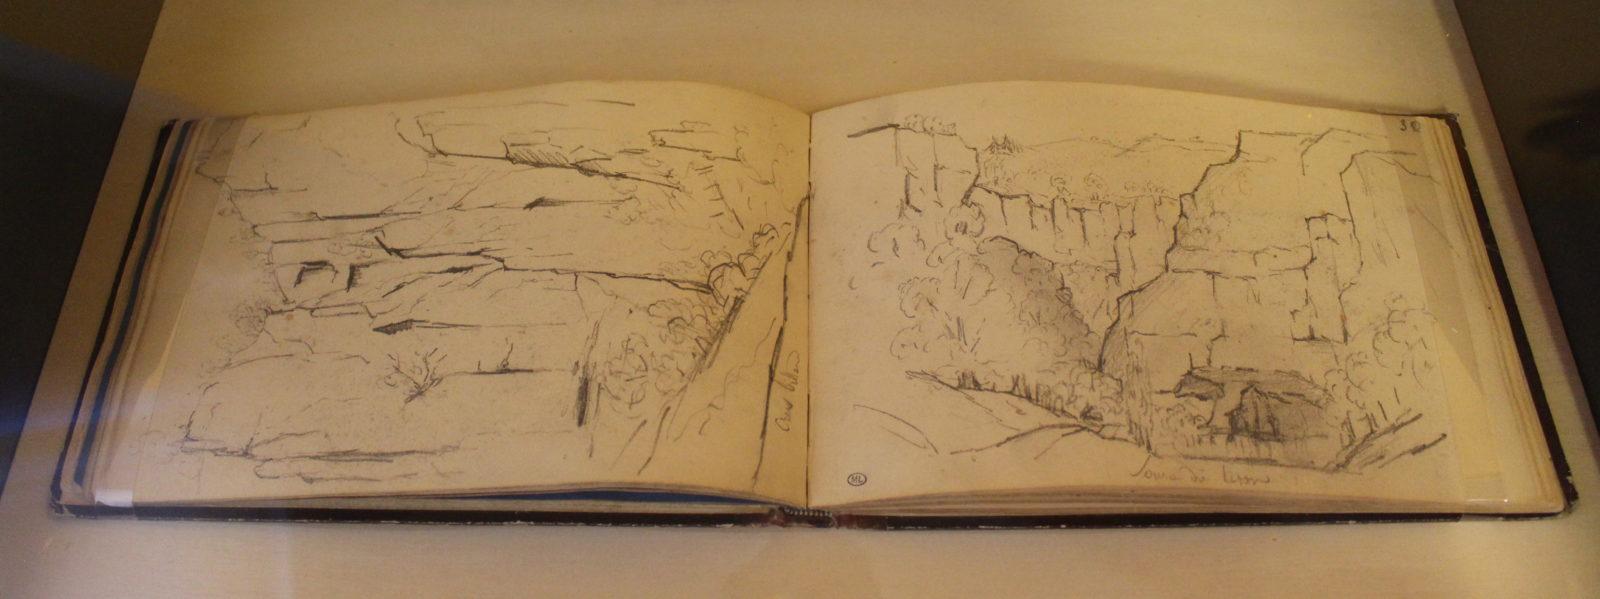 Gustave Courbet – cahier de croquis 1841 – 1844